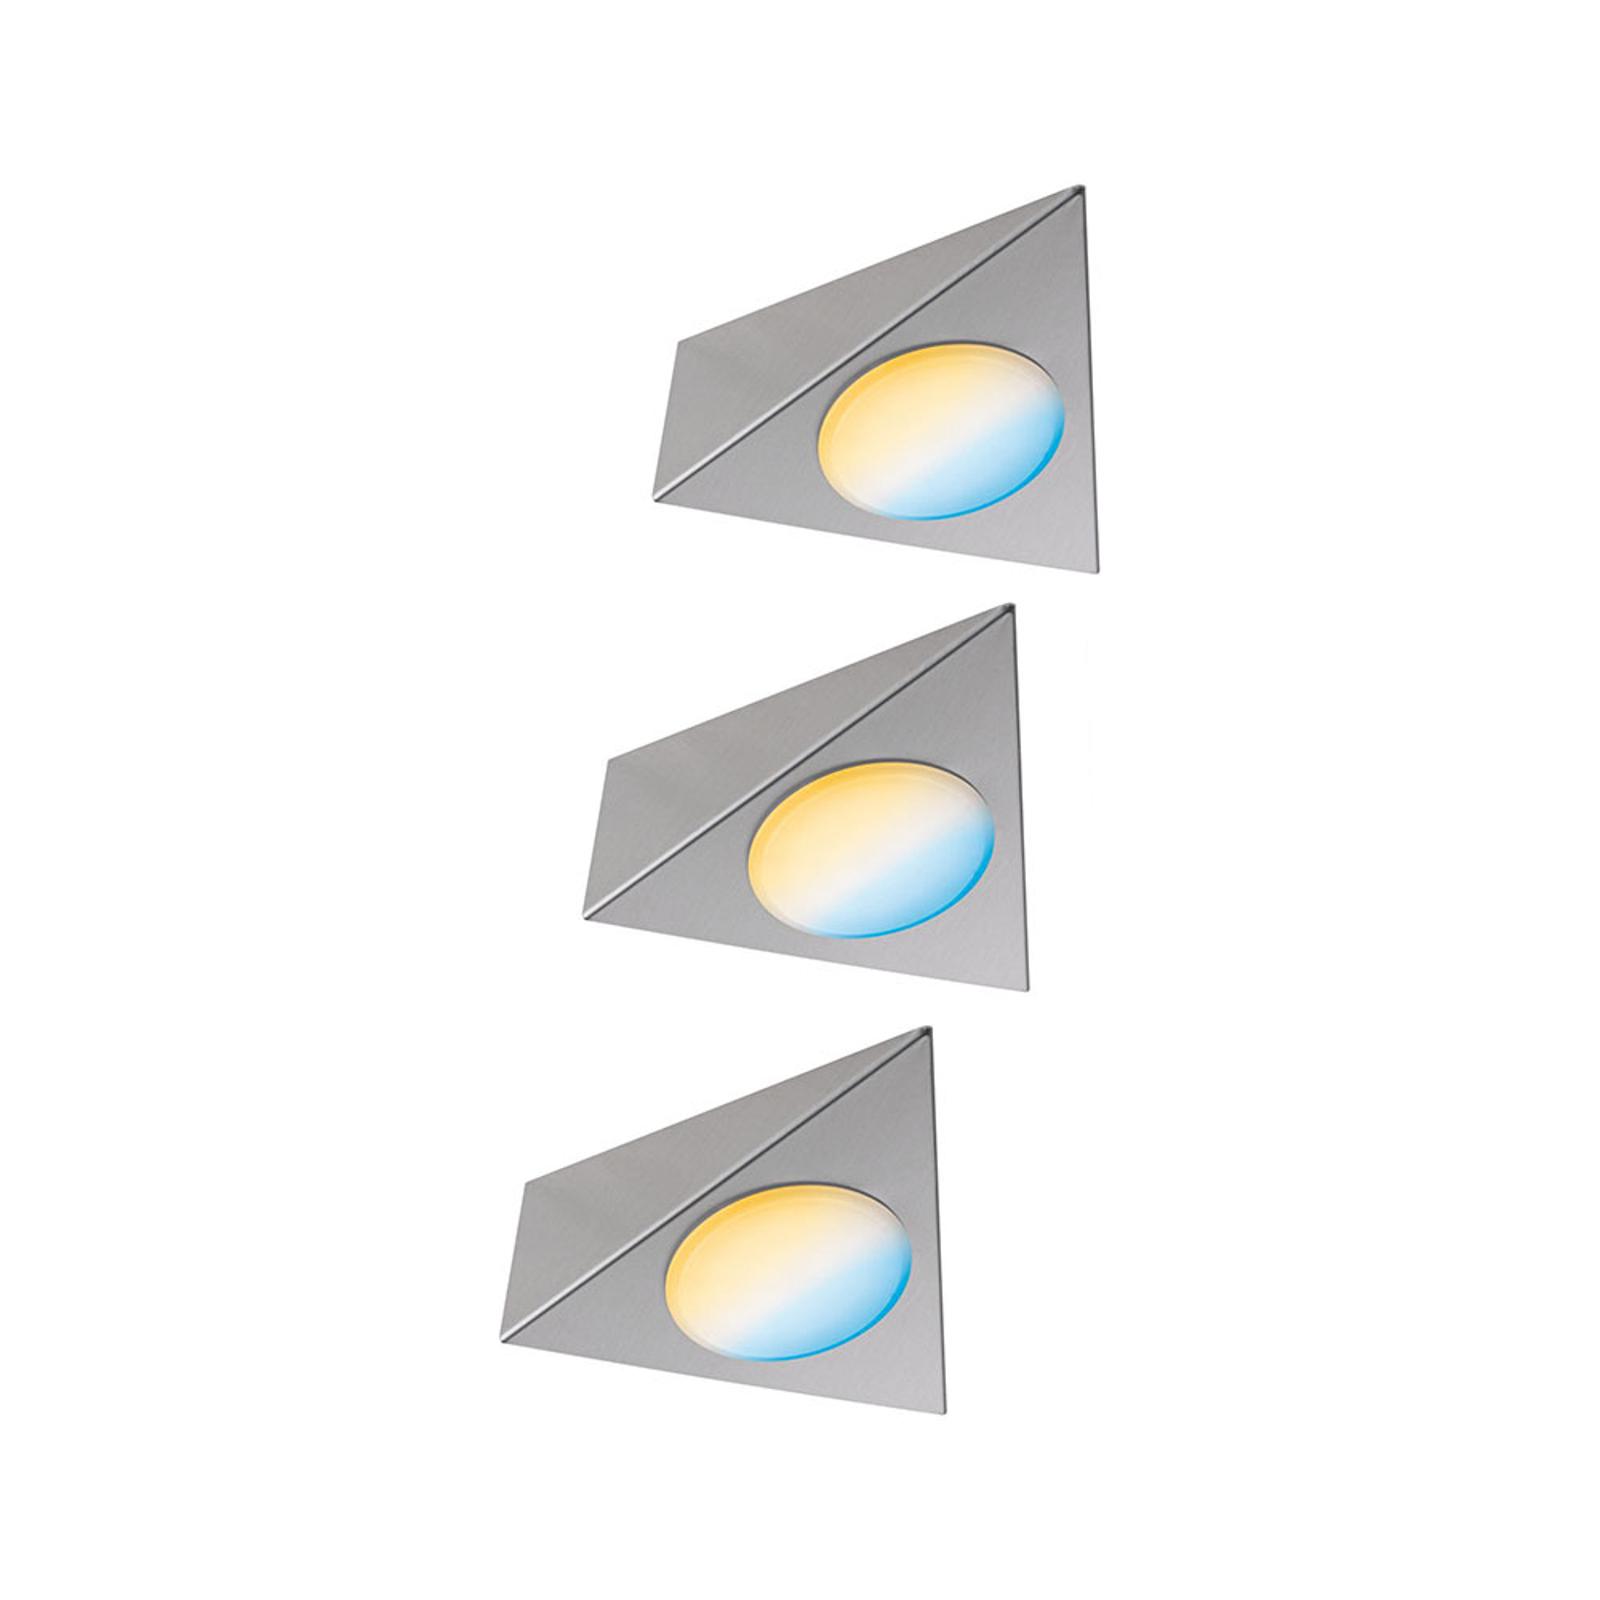 Paulmann Clever Connect Trigo lampe meuble par 3